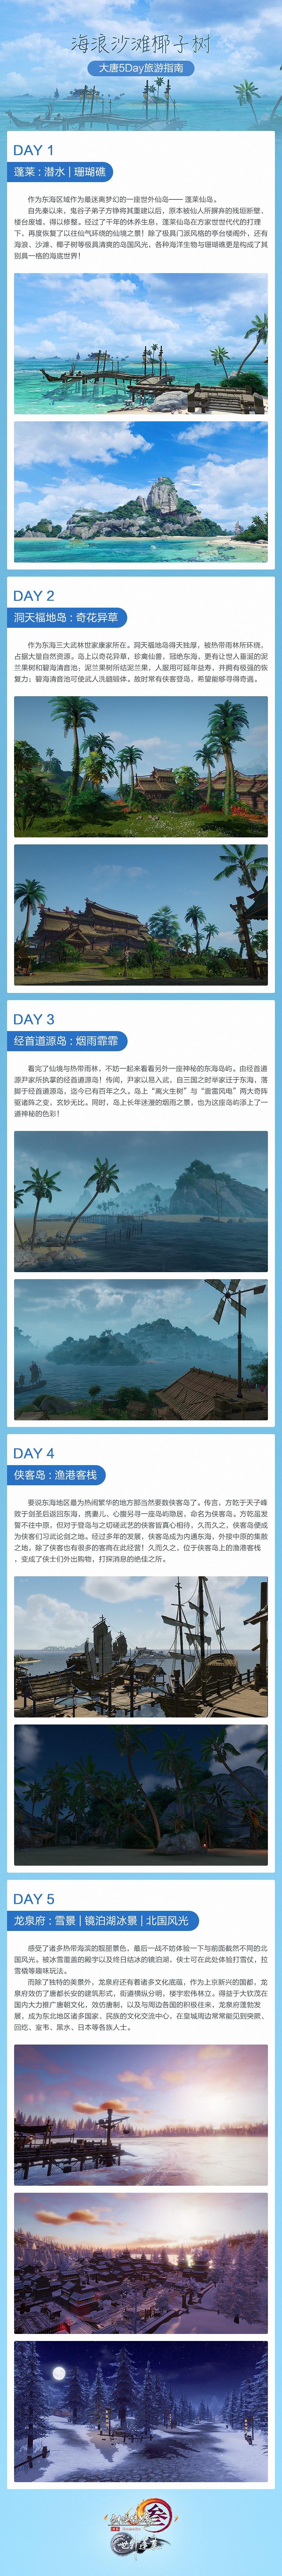 东海旅游指南